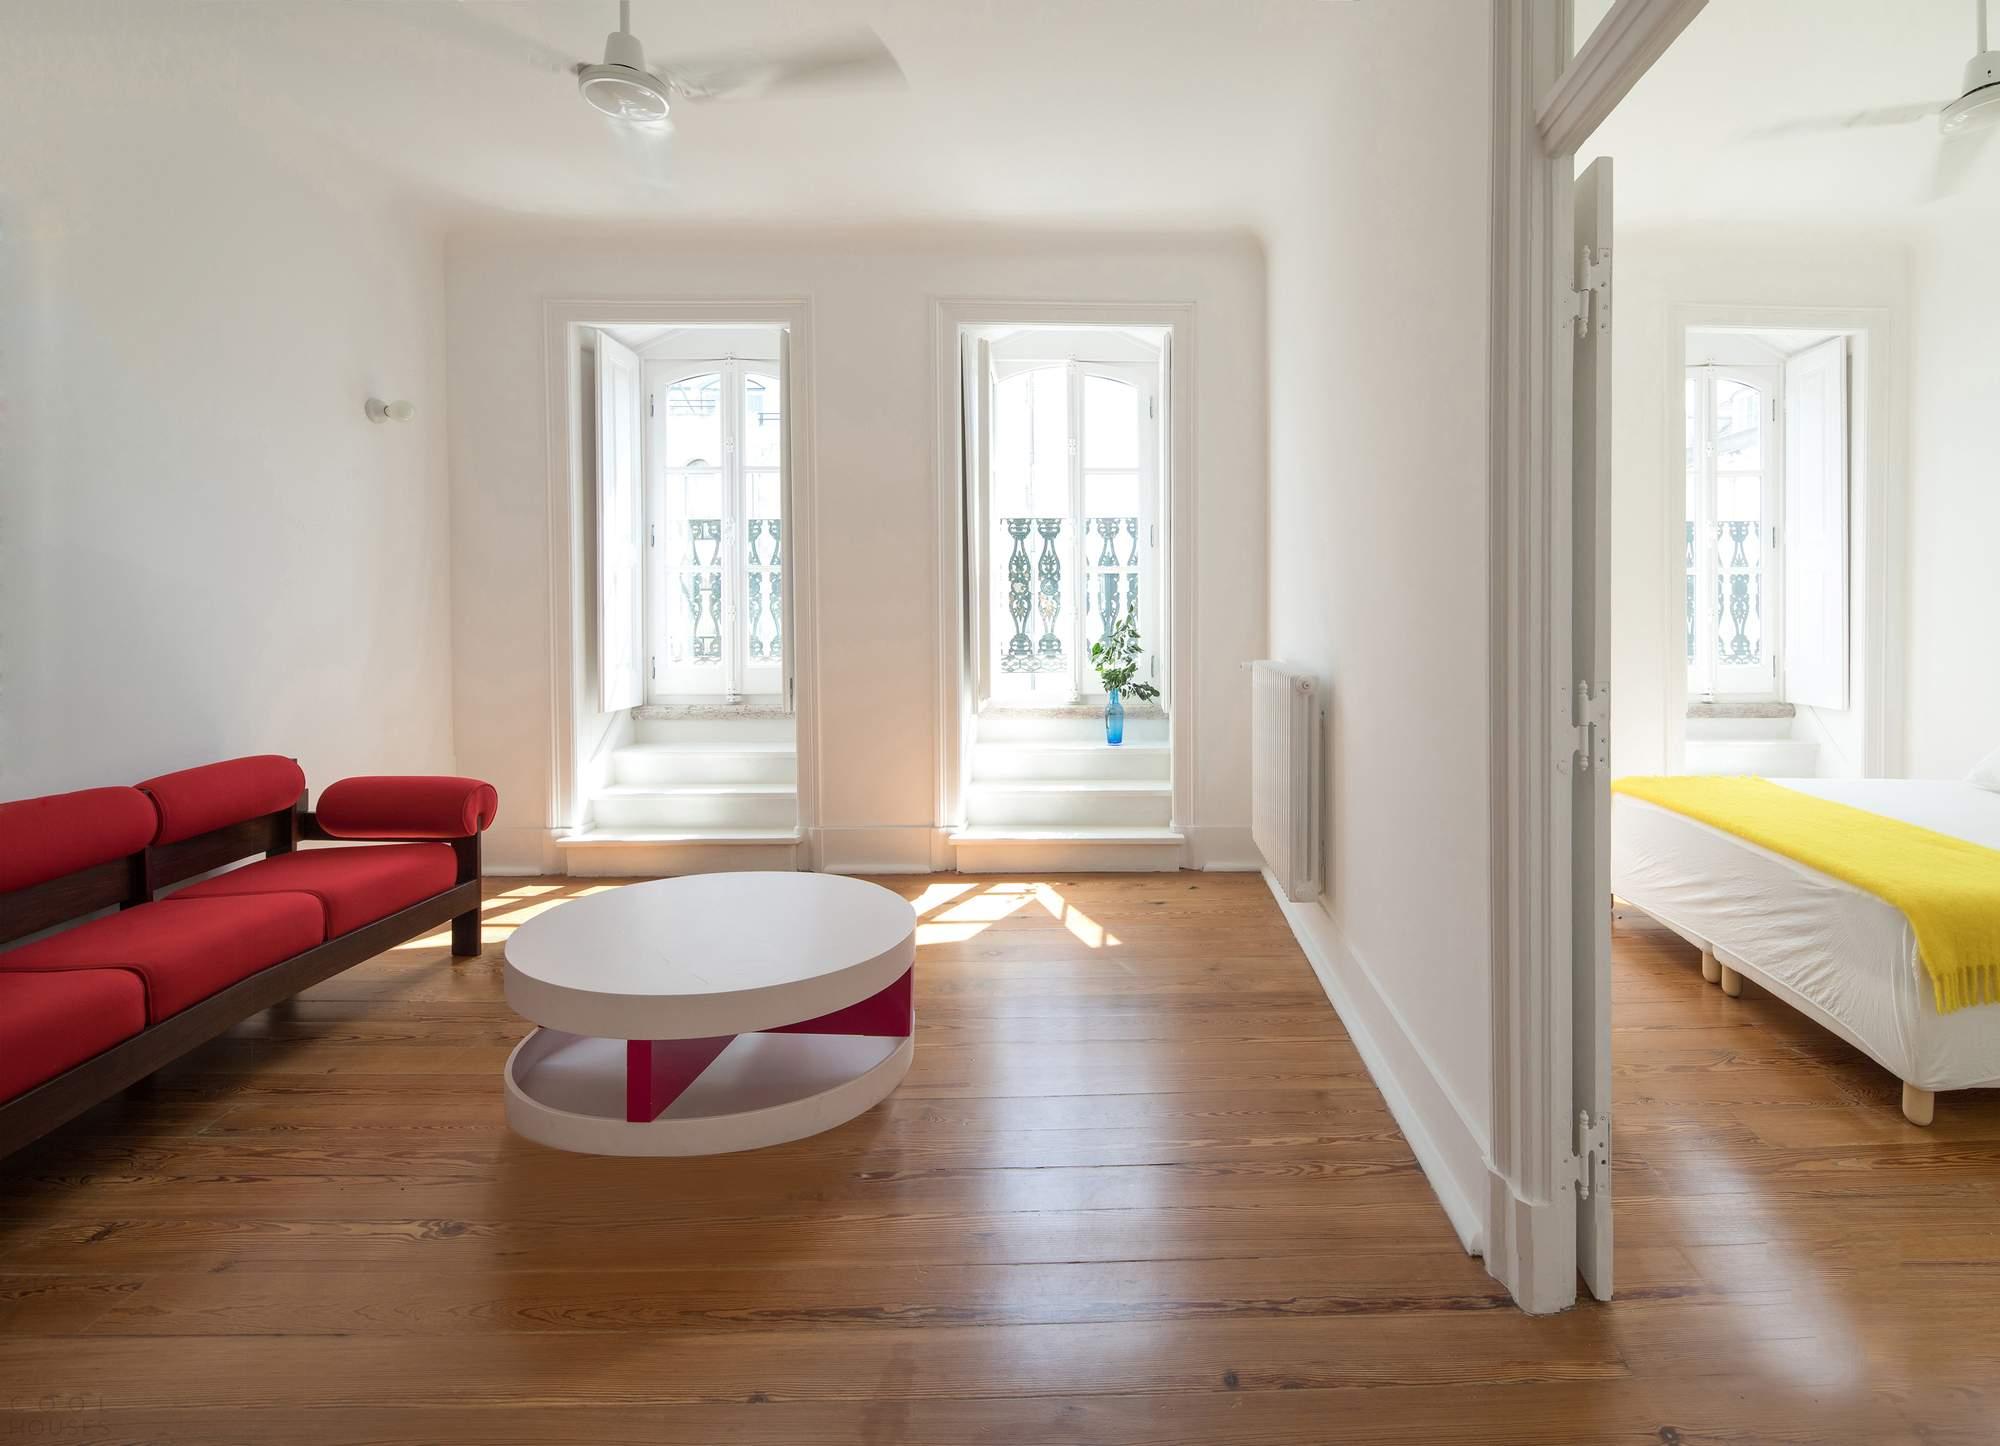 Апартаменты, сохранившие свой исторический характер, Португалия